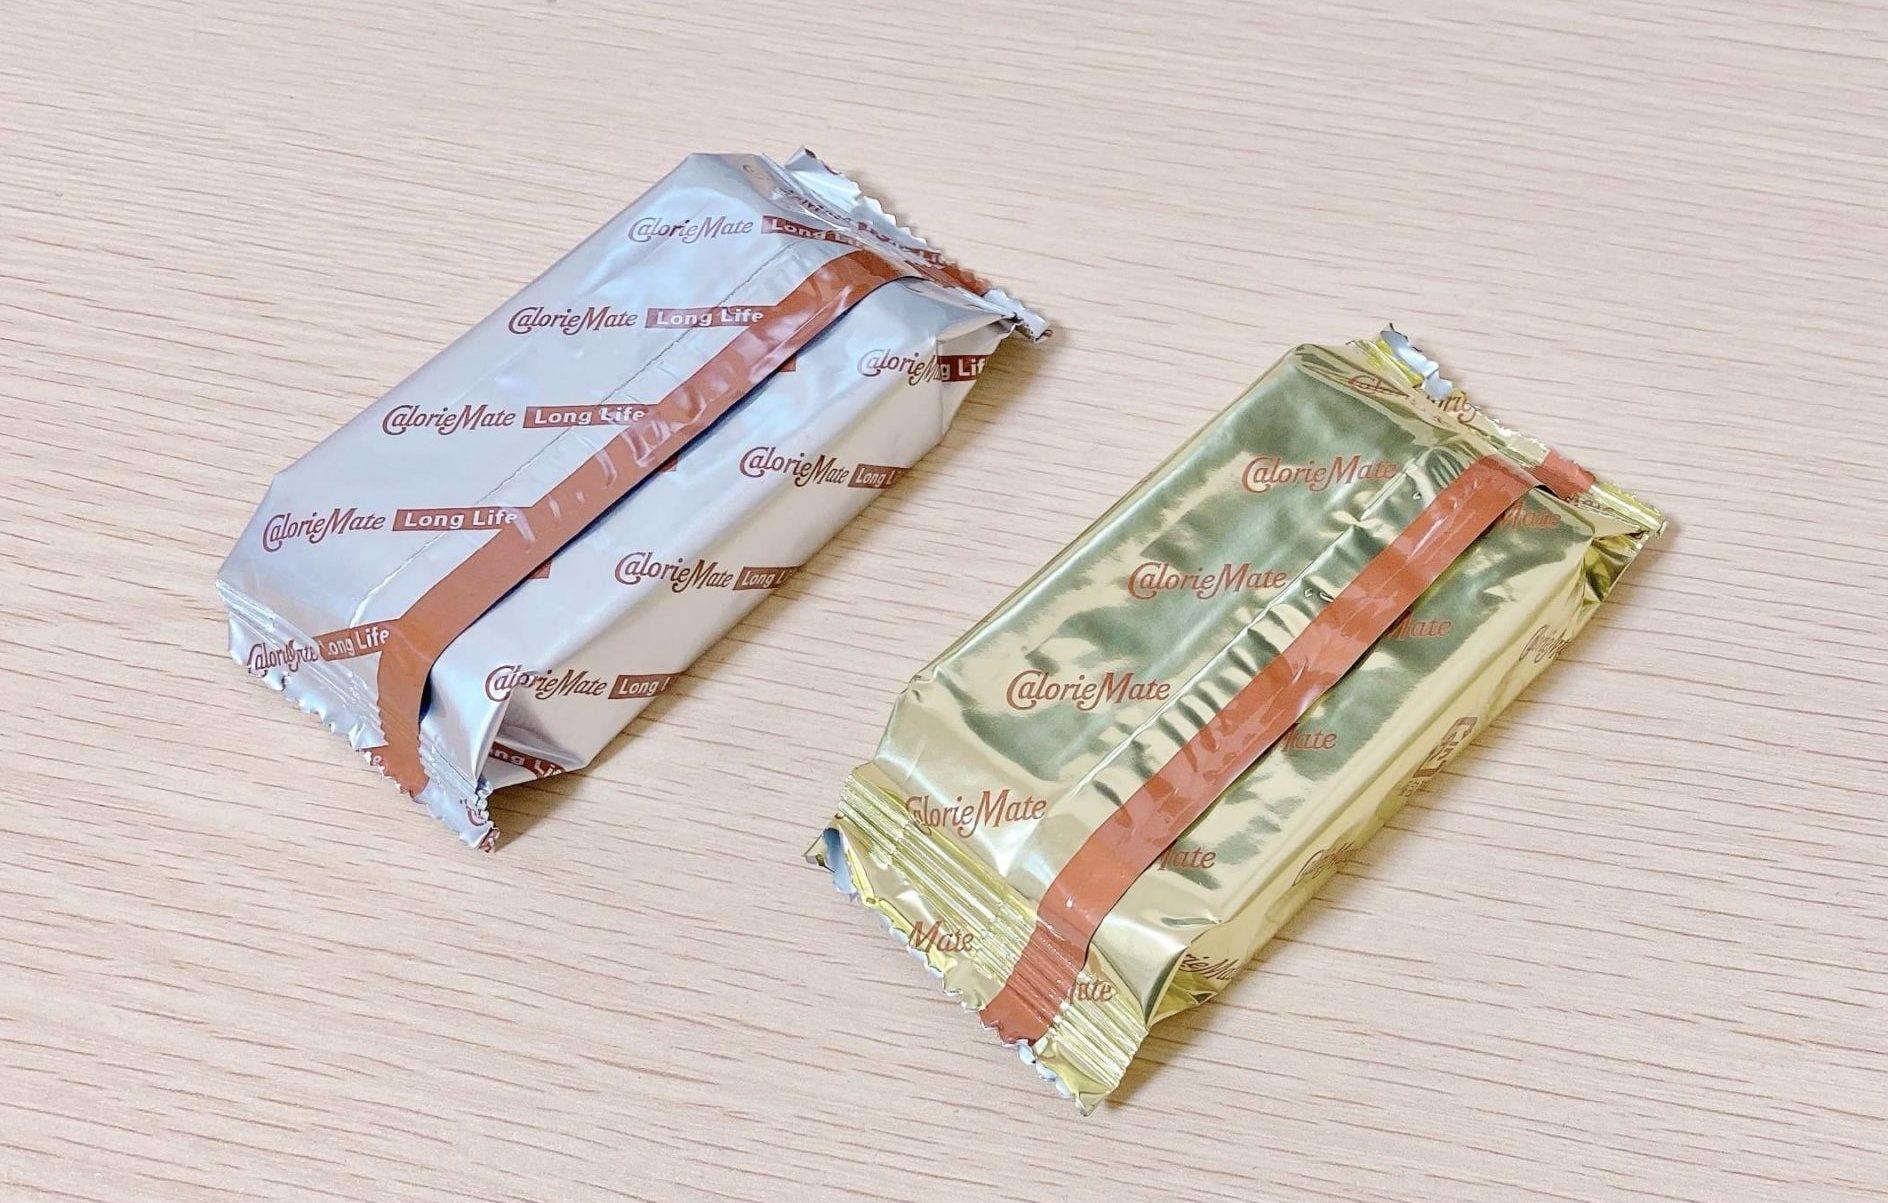 カロリーメイトロングライフのアルミ包装